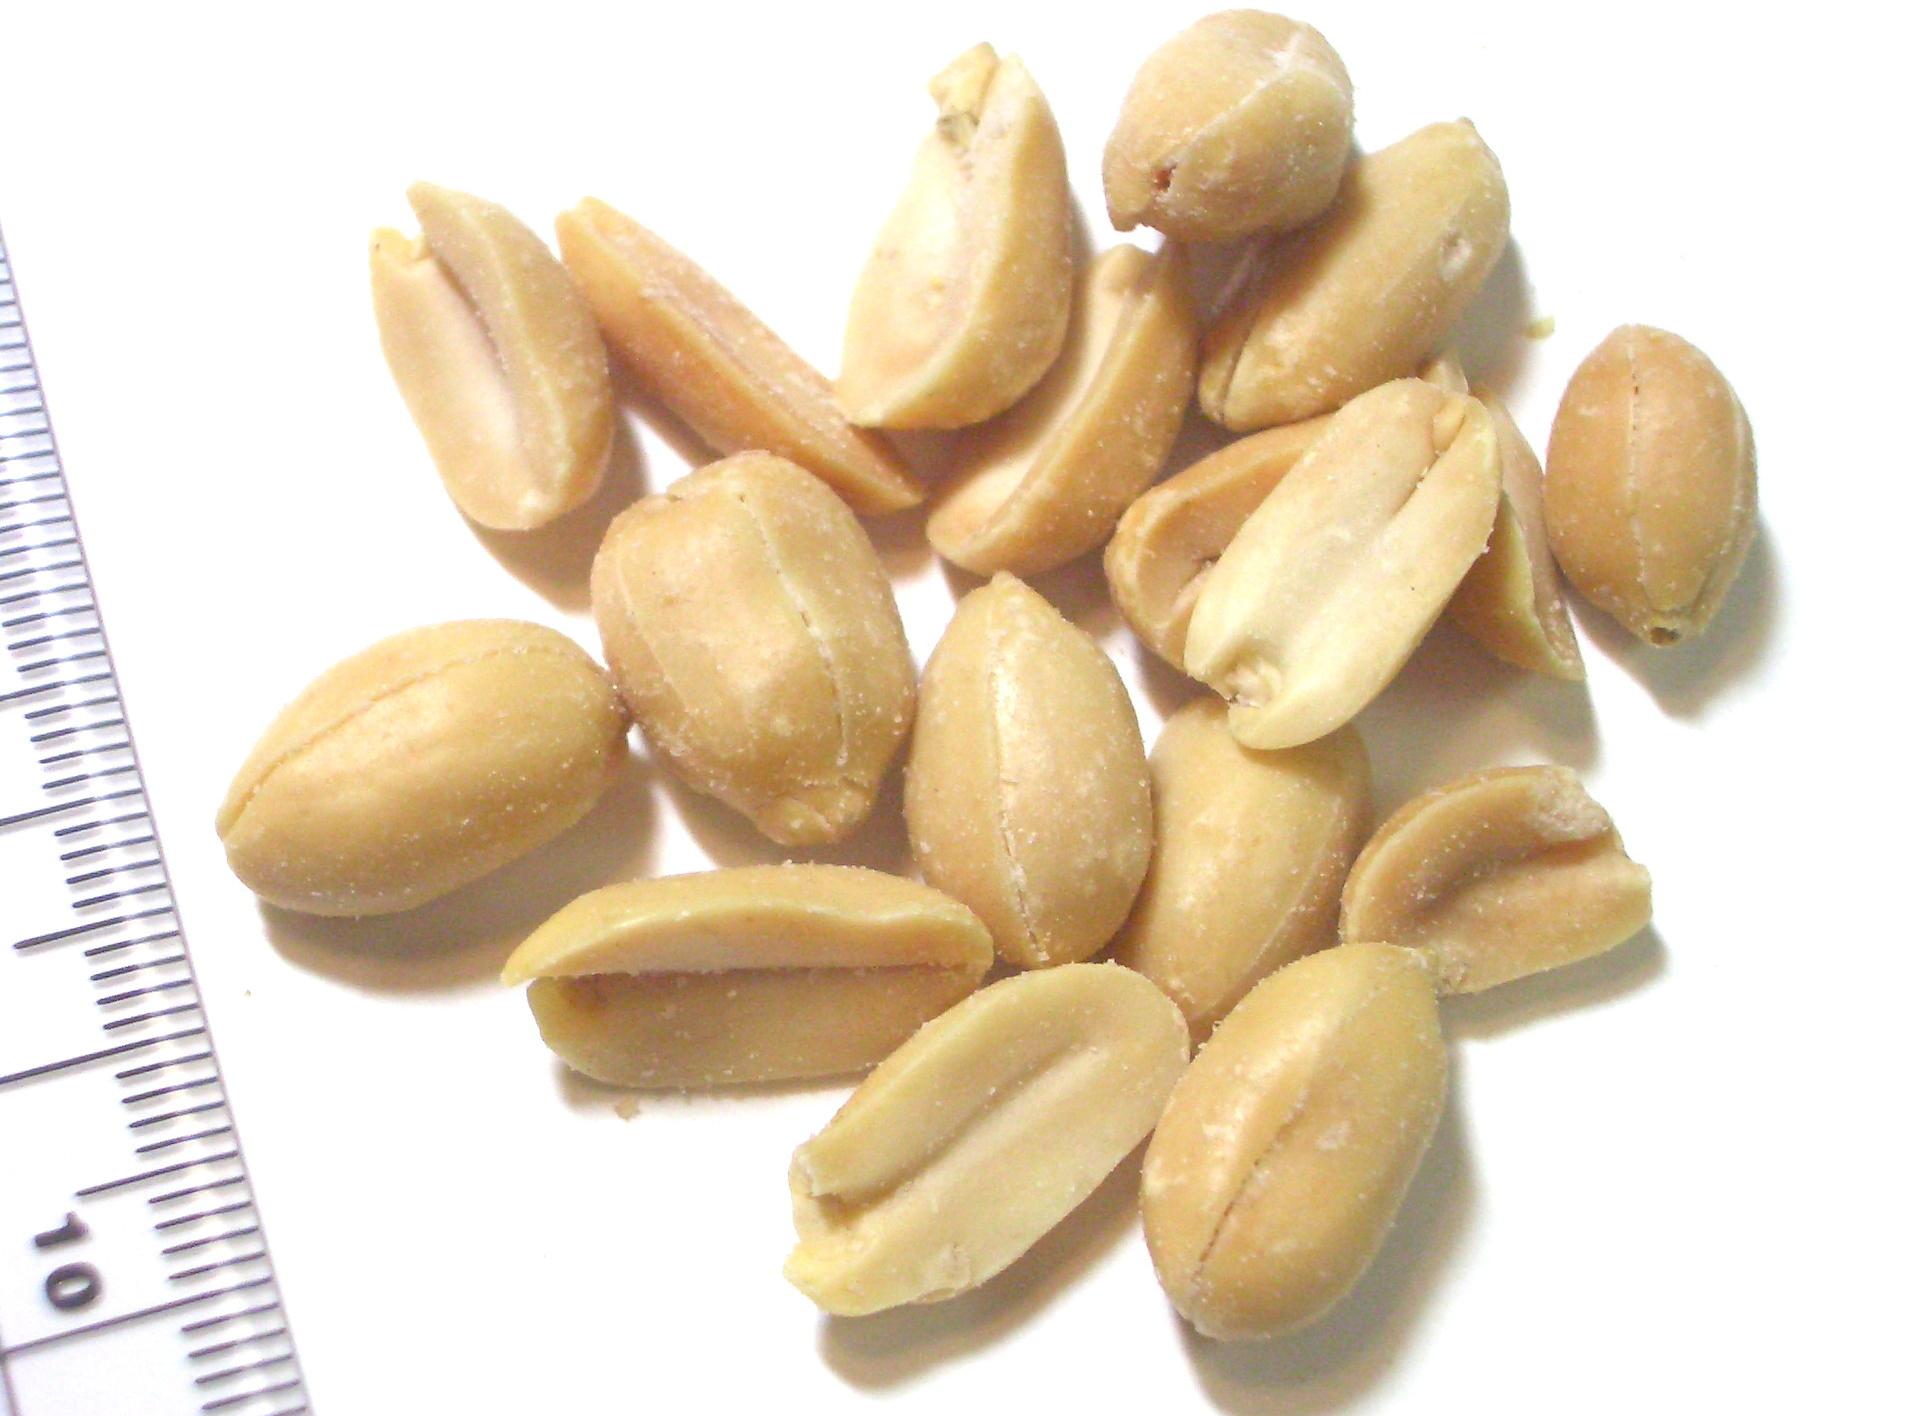 Image of peanut